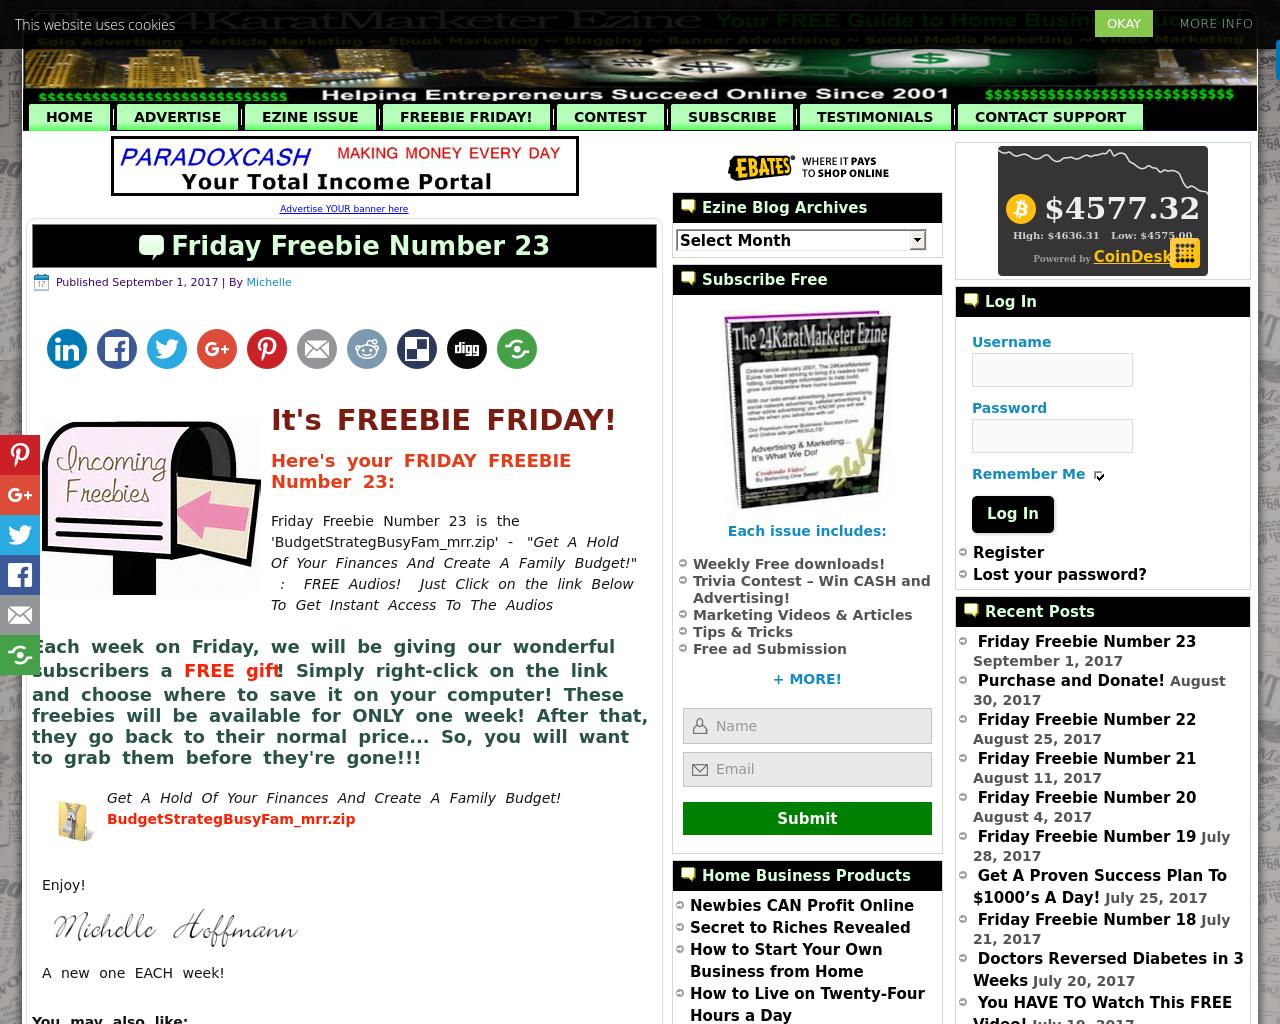 Free-24-Karat-Marketer-Advertising-Reviews-Pricing